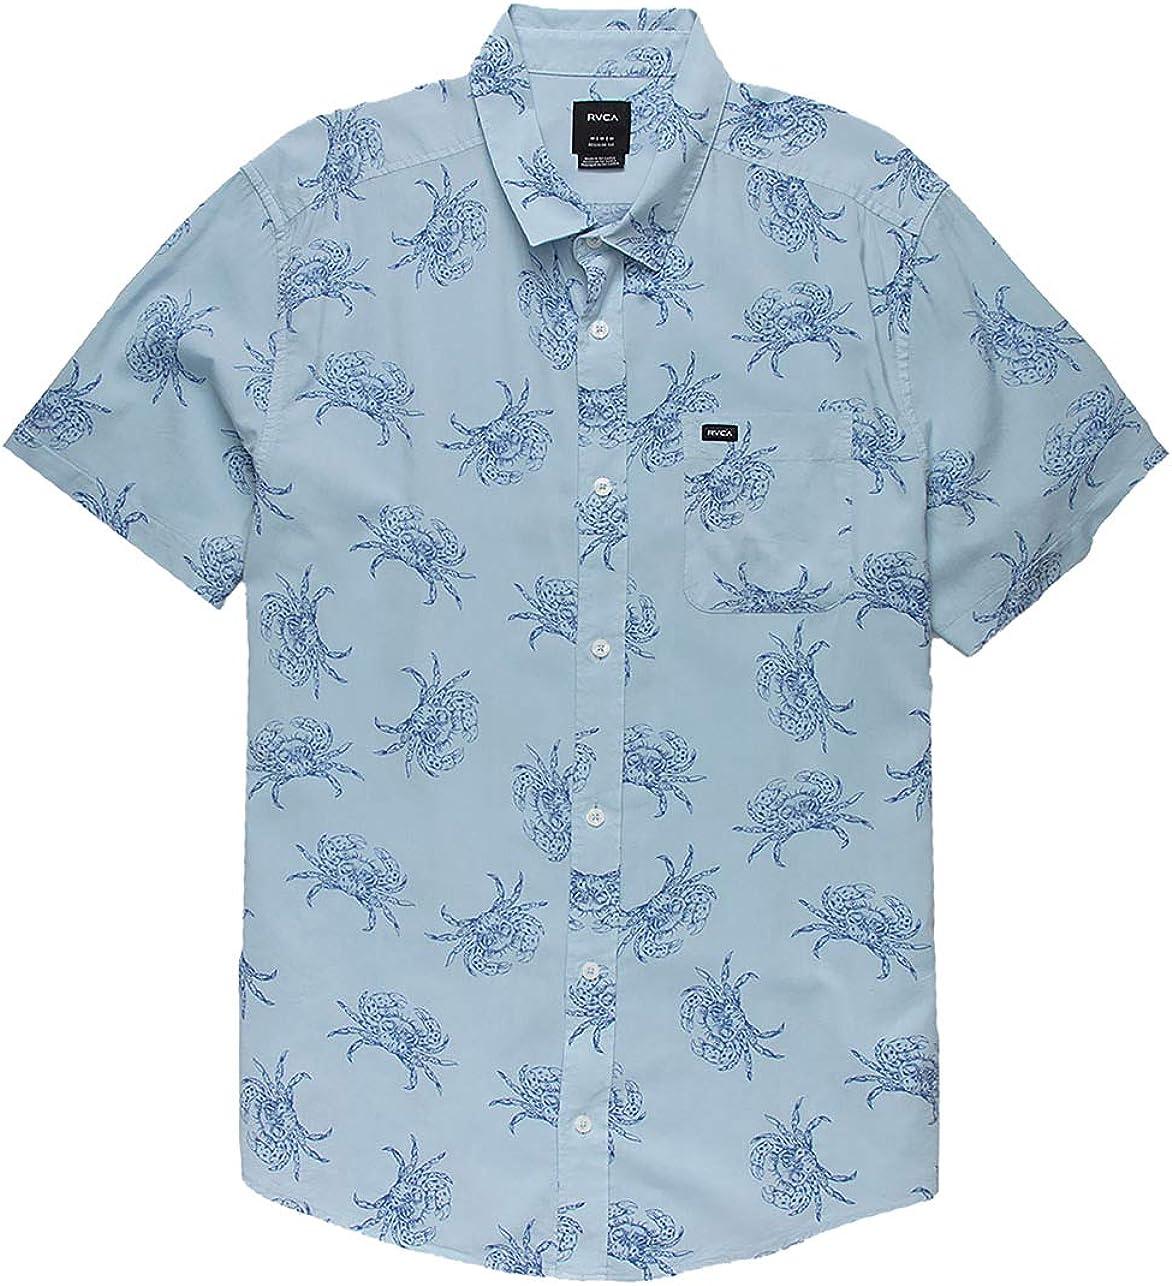 RVCA - Camisa tejida para hombre (mediano), color azul pálido: Amazon.es: Ropa y accesorios